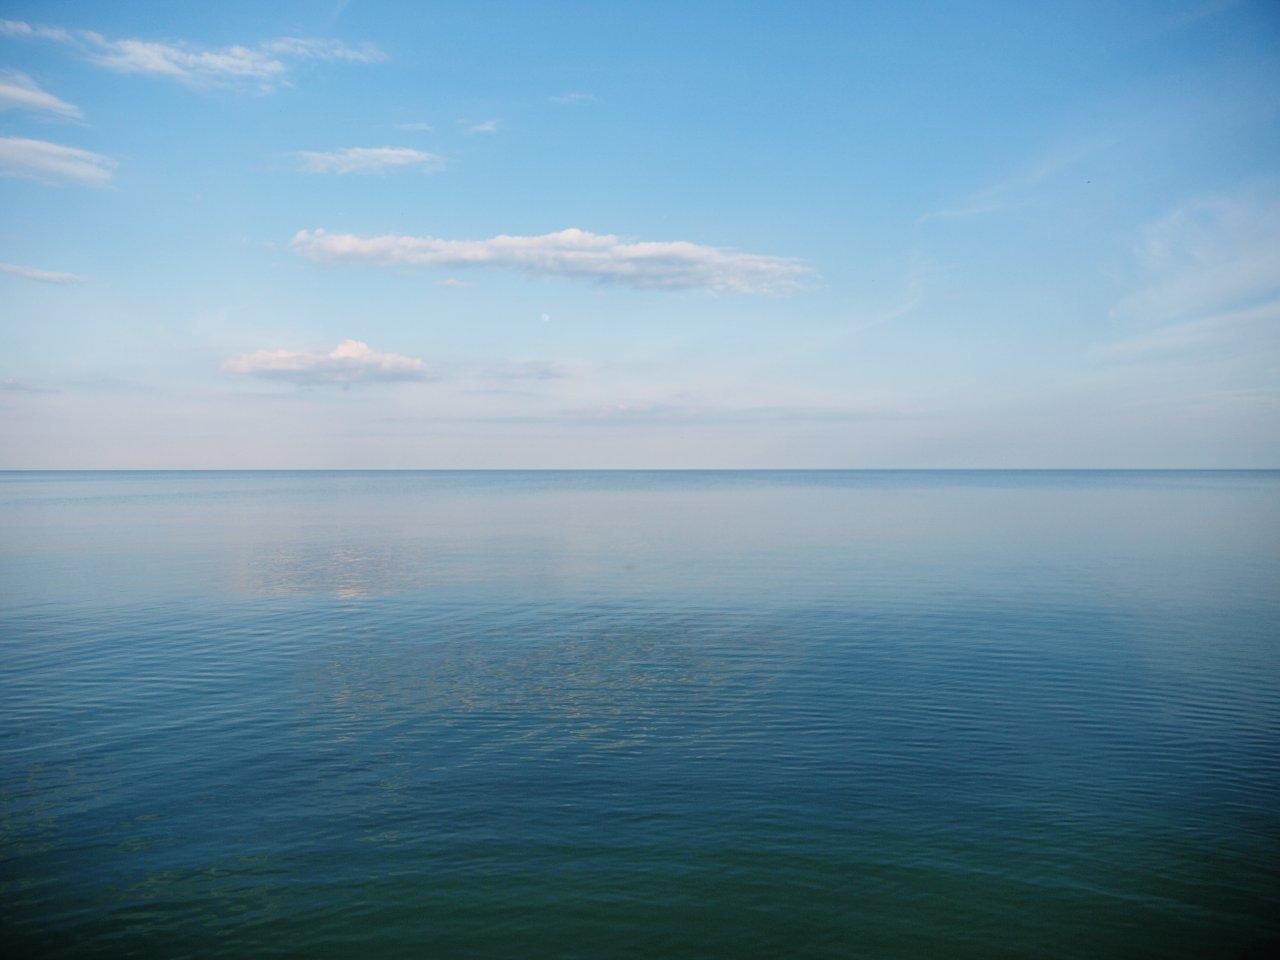 Стан води у перехідних водах та прибережній зоні морів